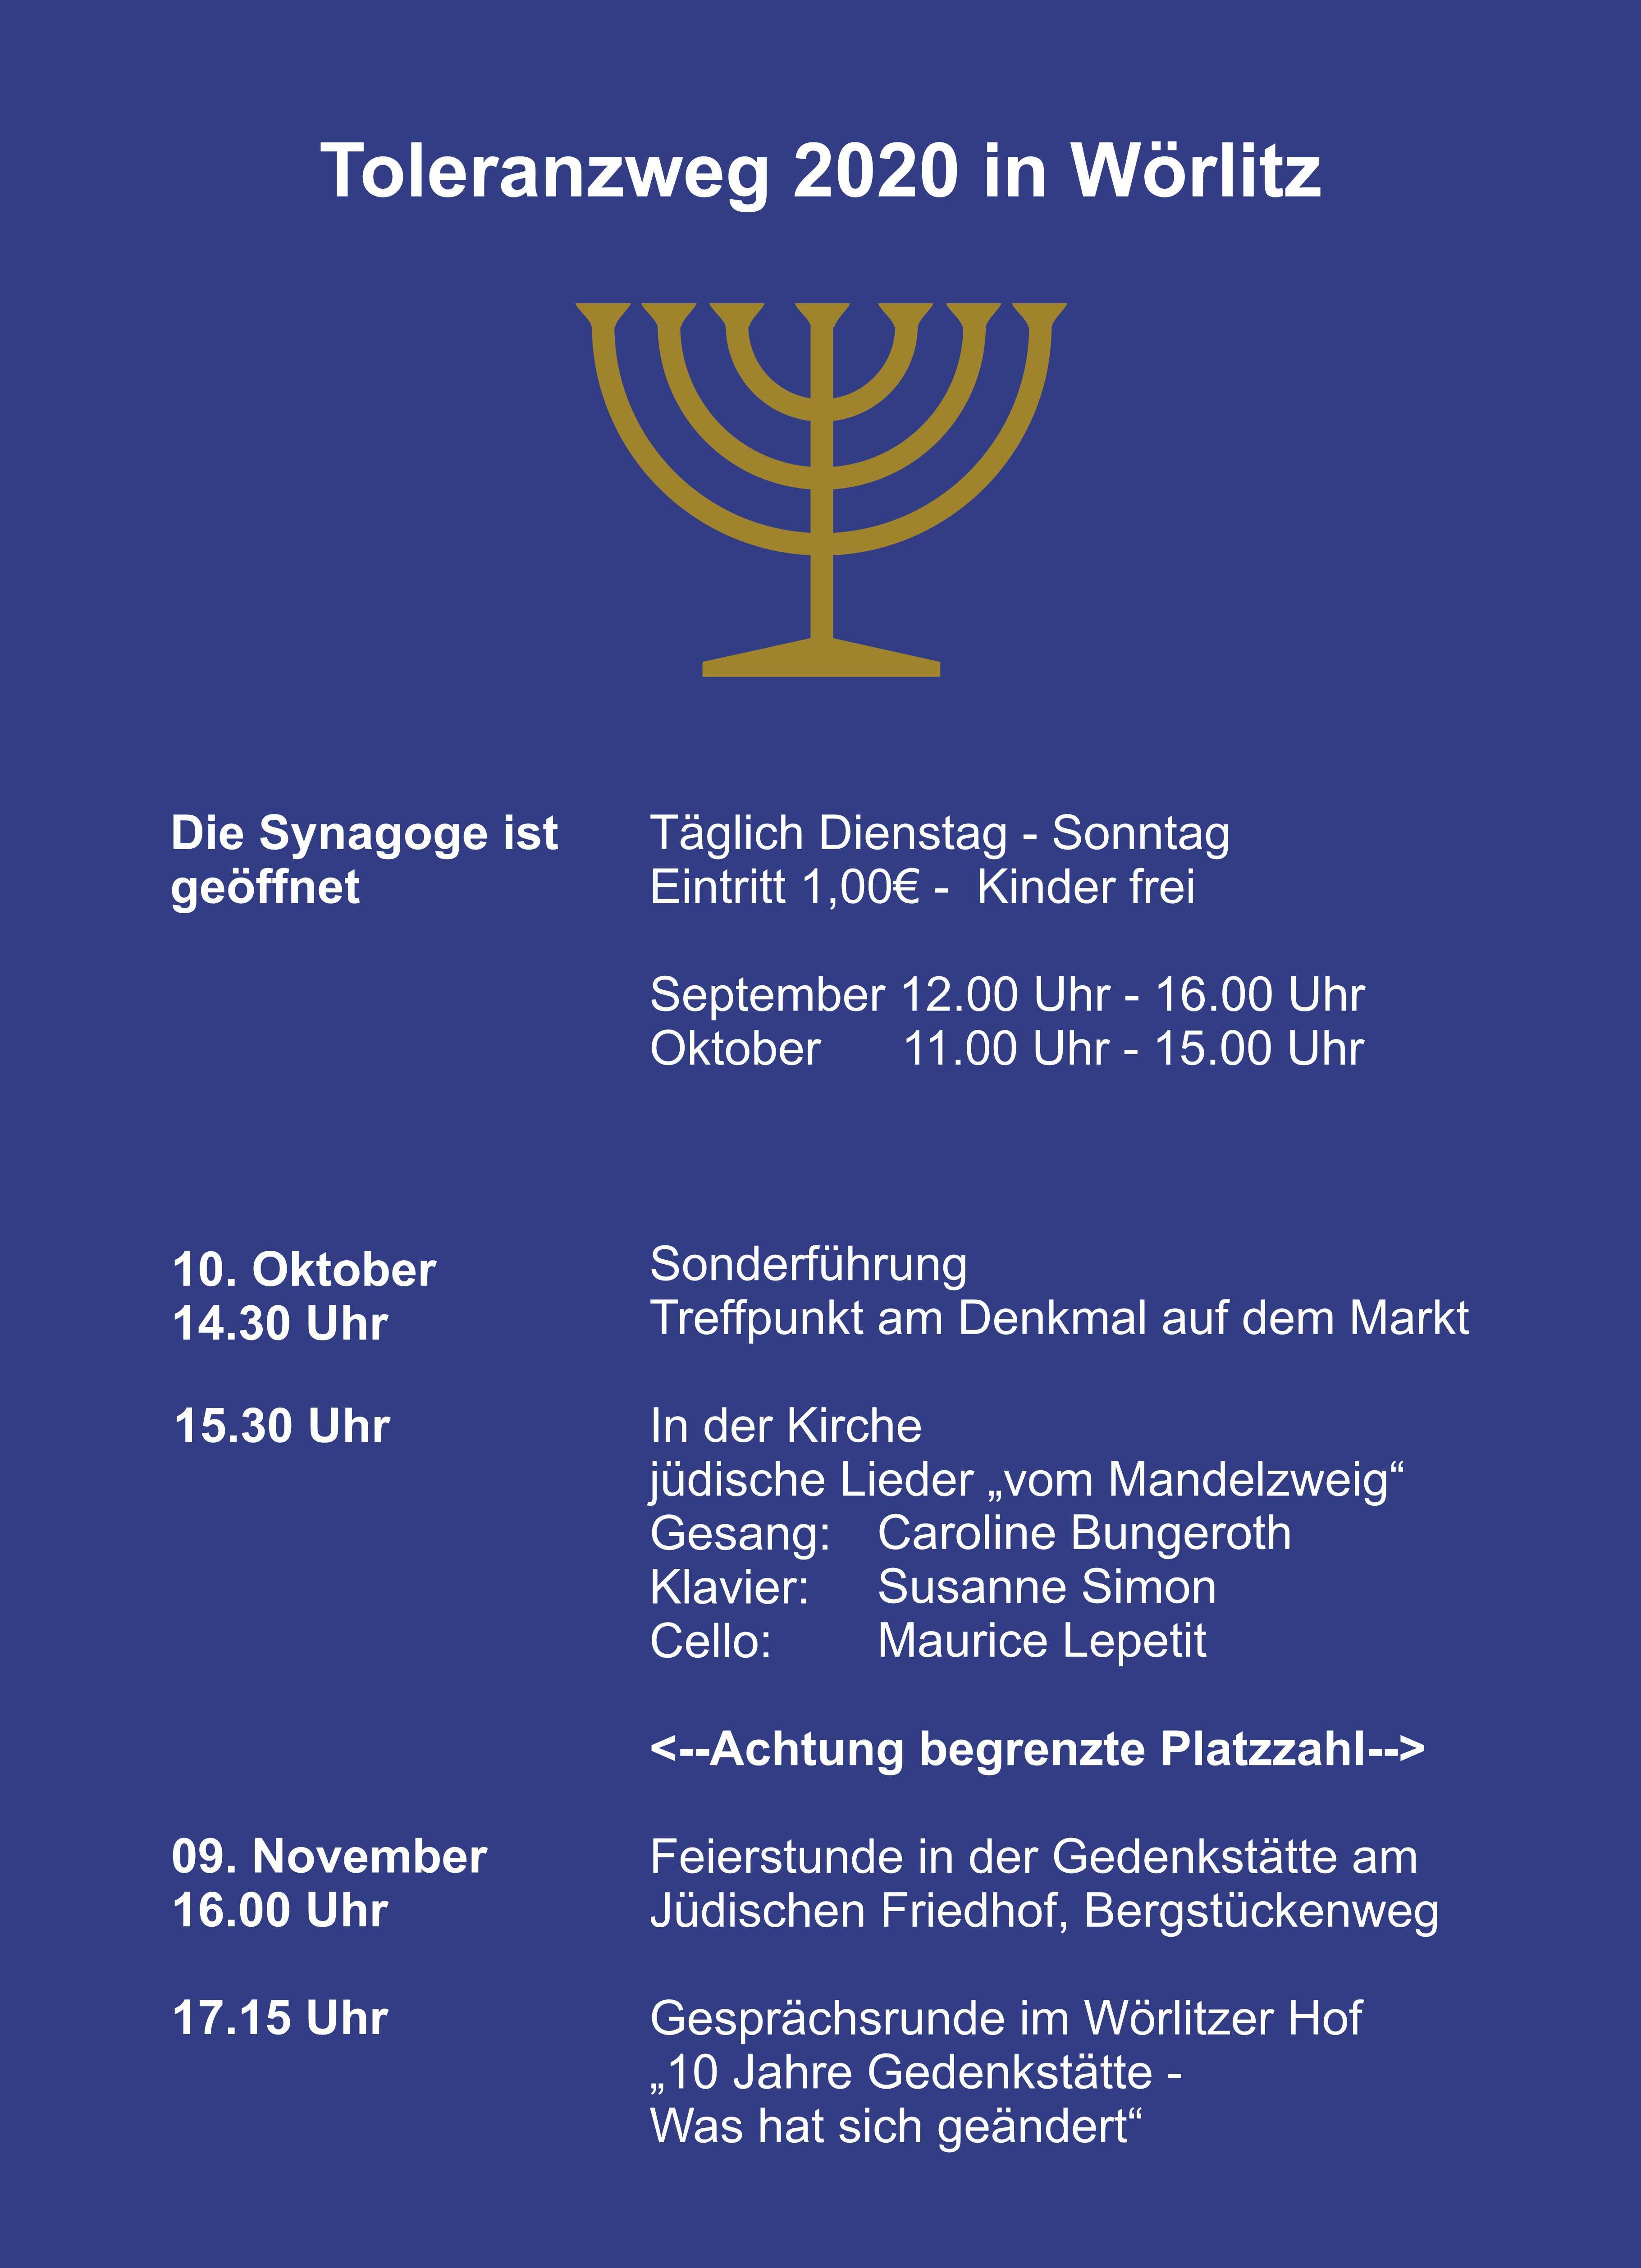 Toleranzweg Wörlitz - Veranstaltungen 2020